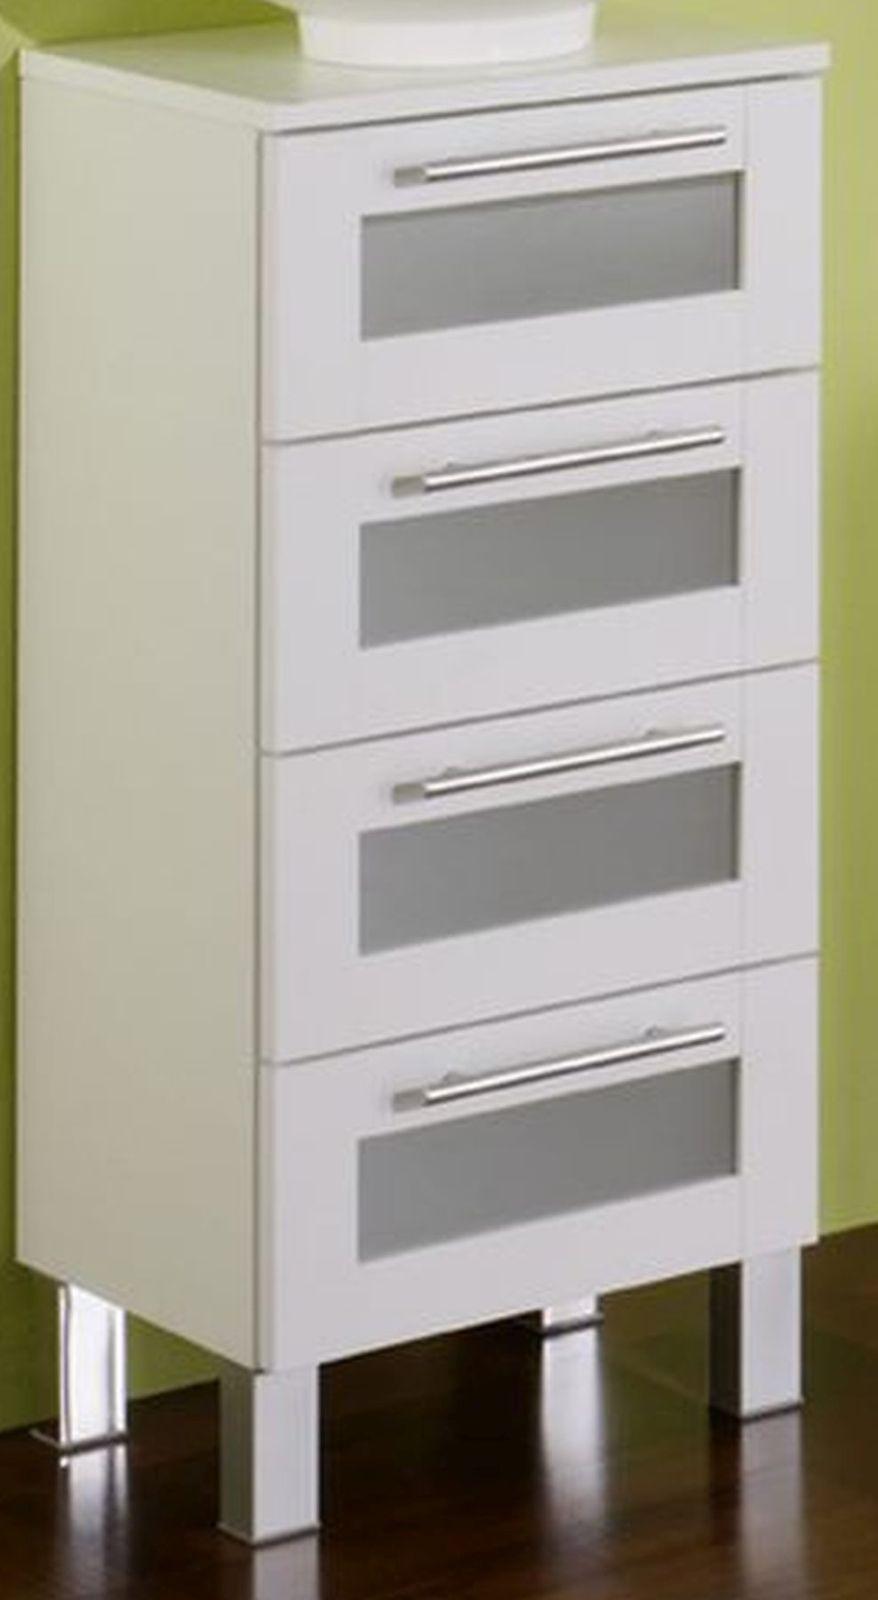 LP Badezimmer Unterschrank 4 Schubladen 35 X82 X32 Cm Badschrank Möbel  *US4 Elan.